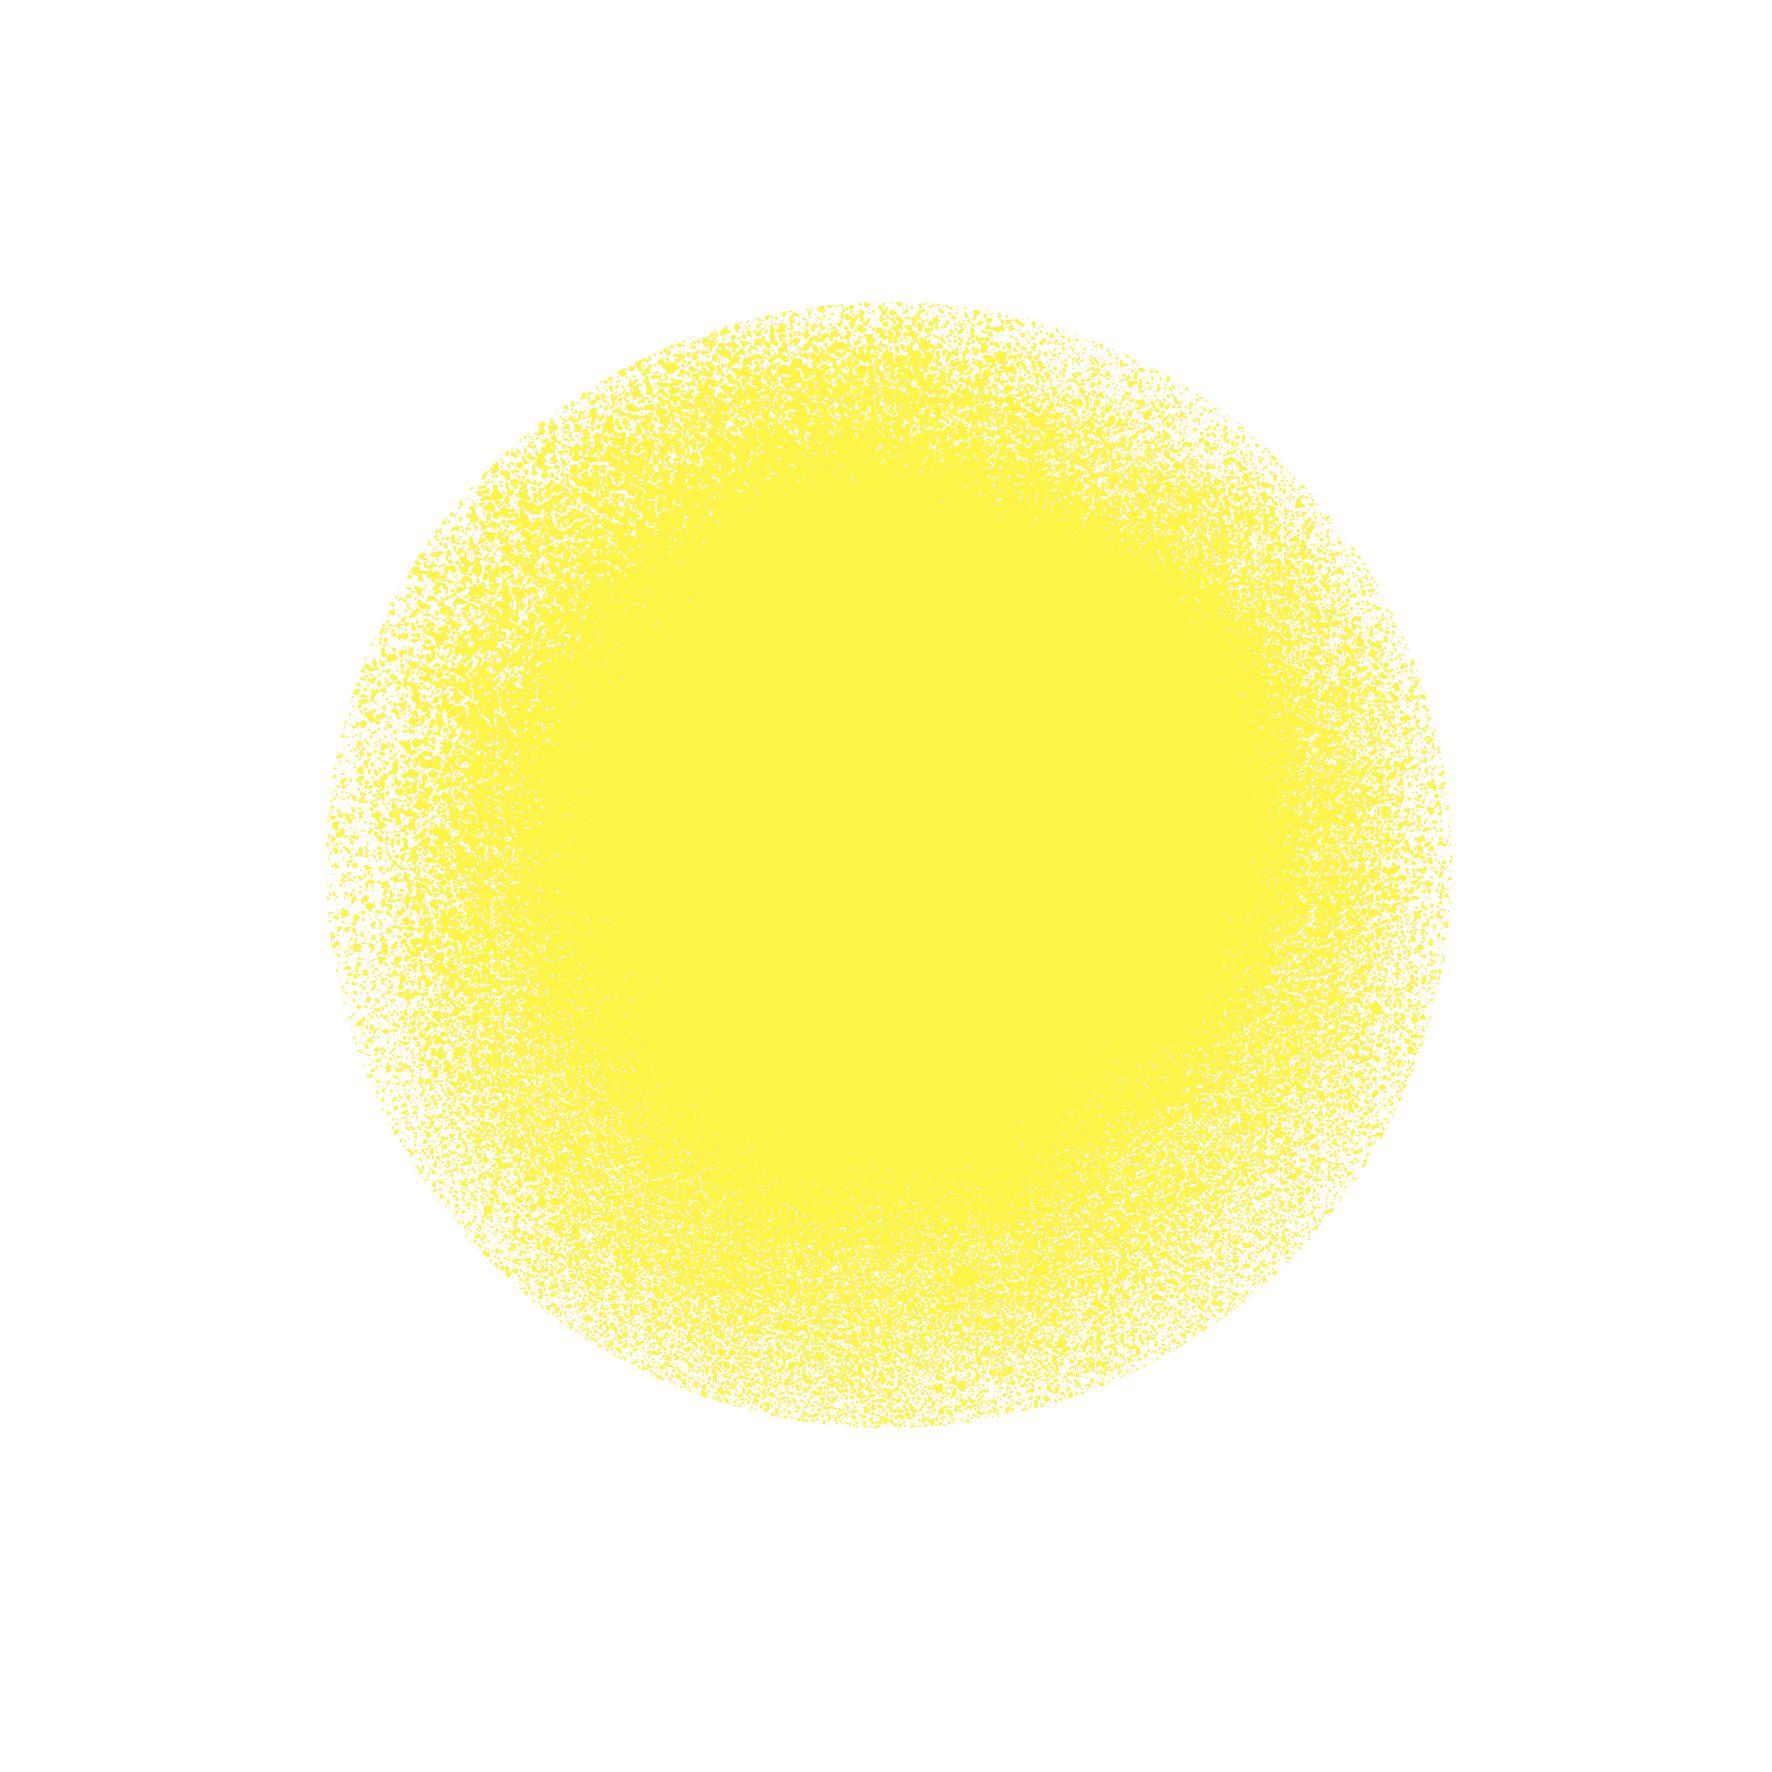 ENCRE IZINK AUX REFLETS NACRES - Jaune Pastel